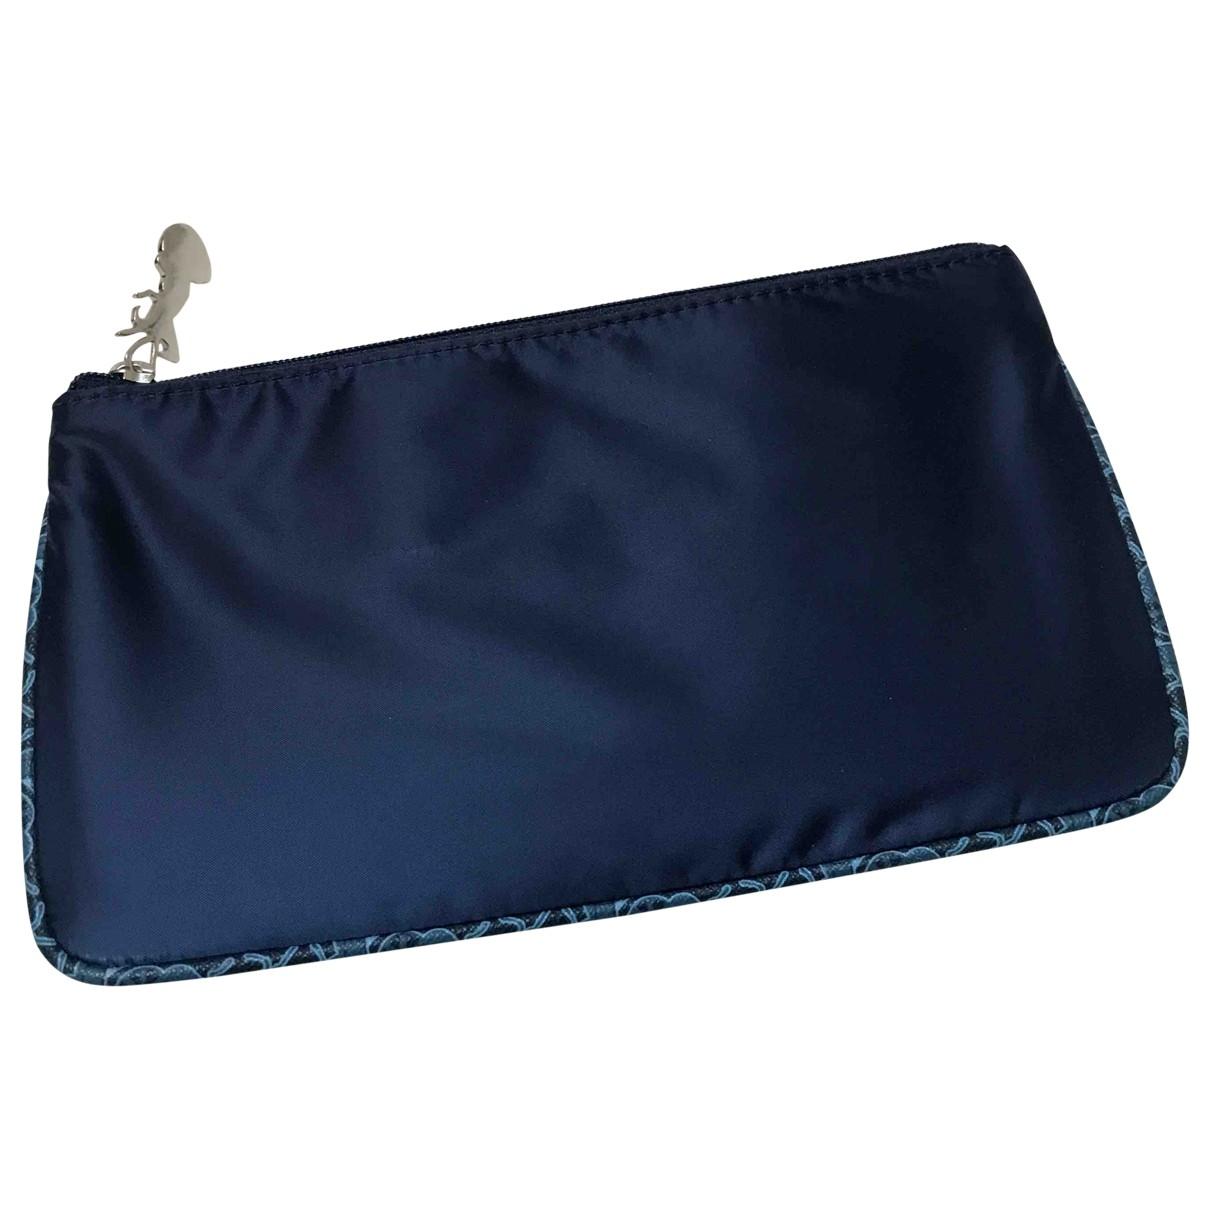 Celine - Petite maroquinerie   pour femme en toile - bleu